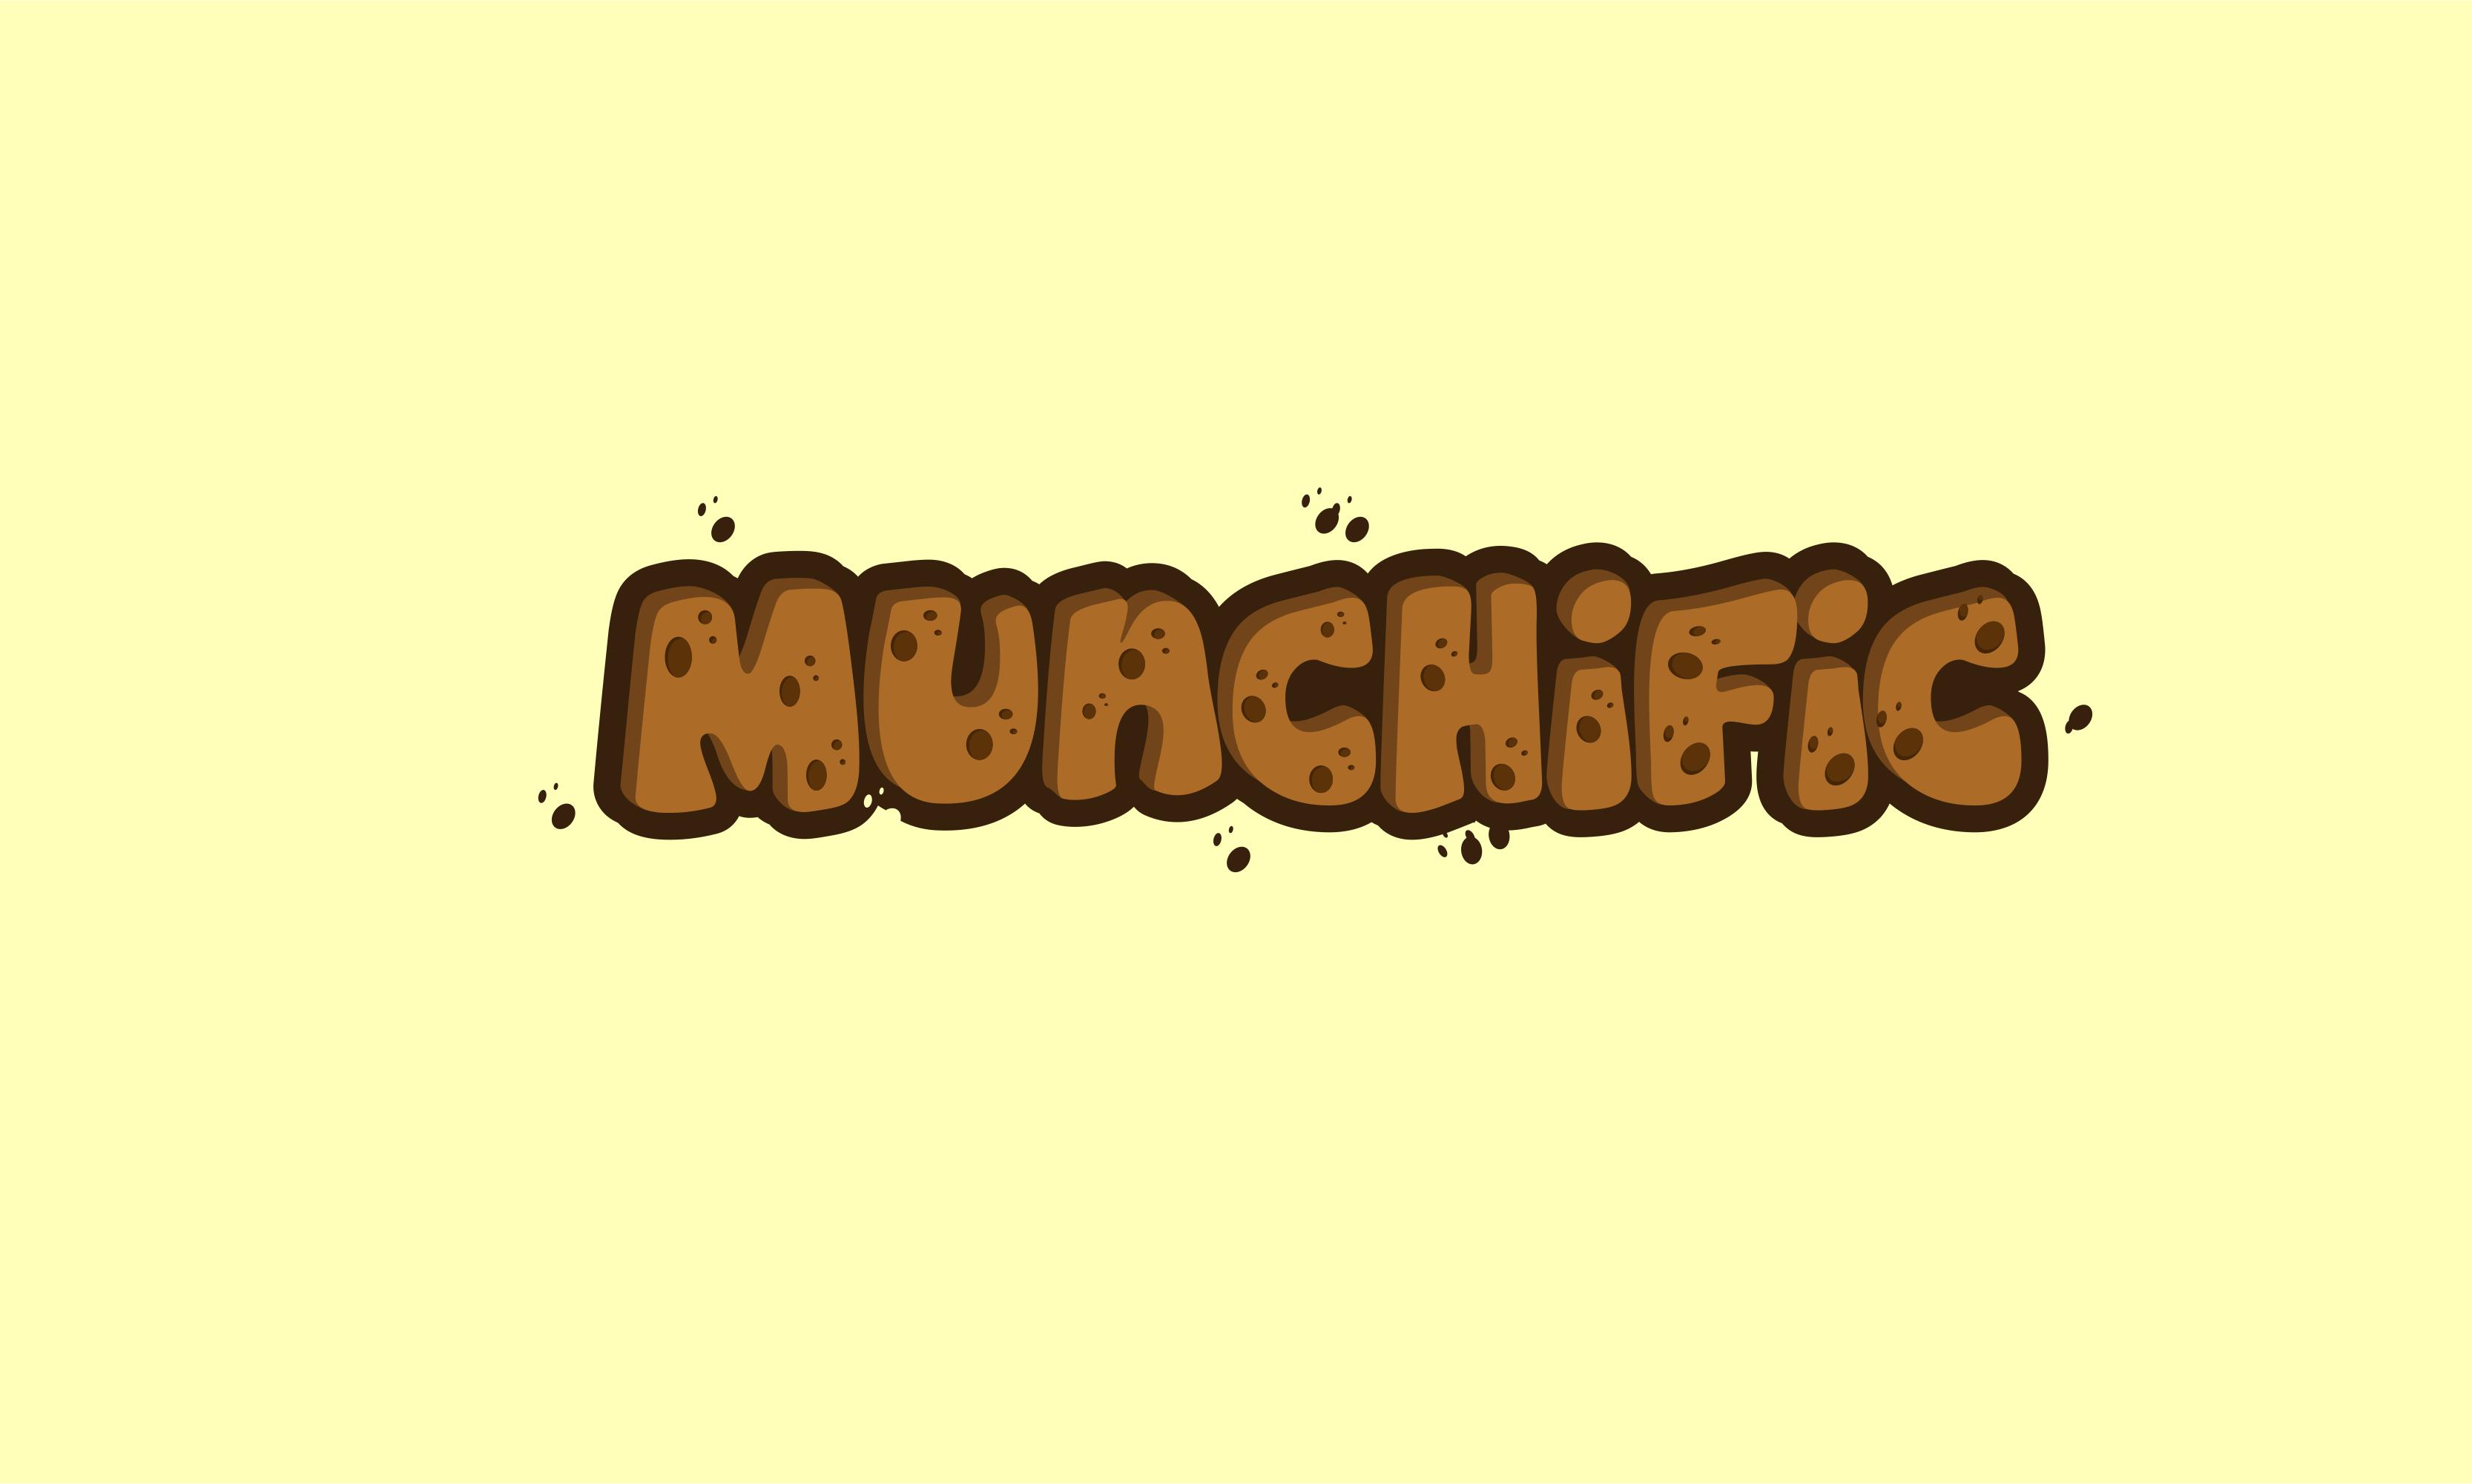 Munchific